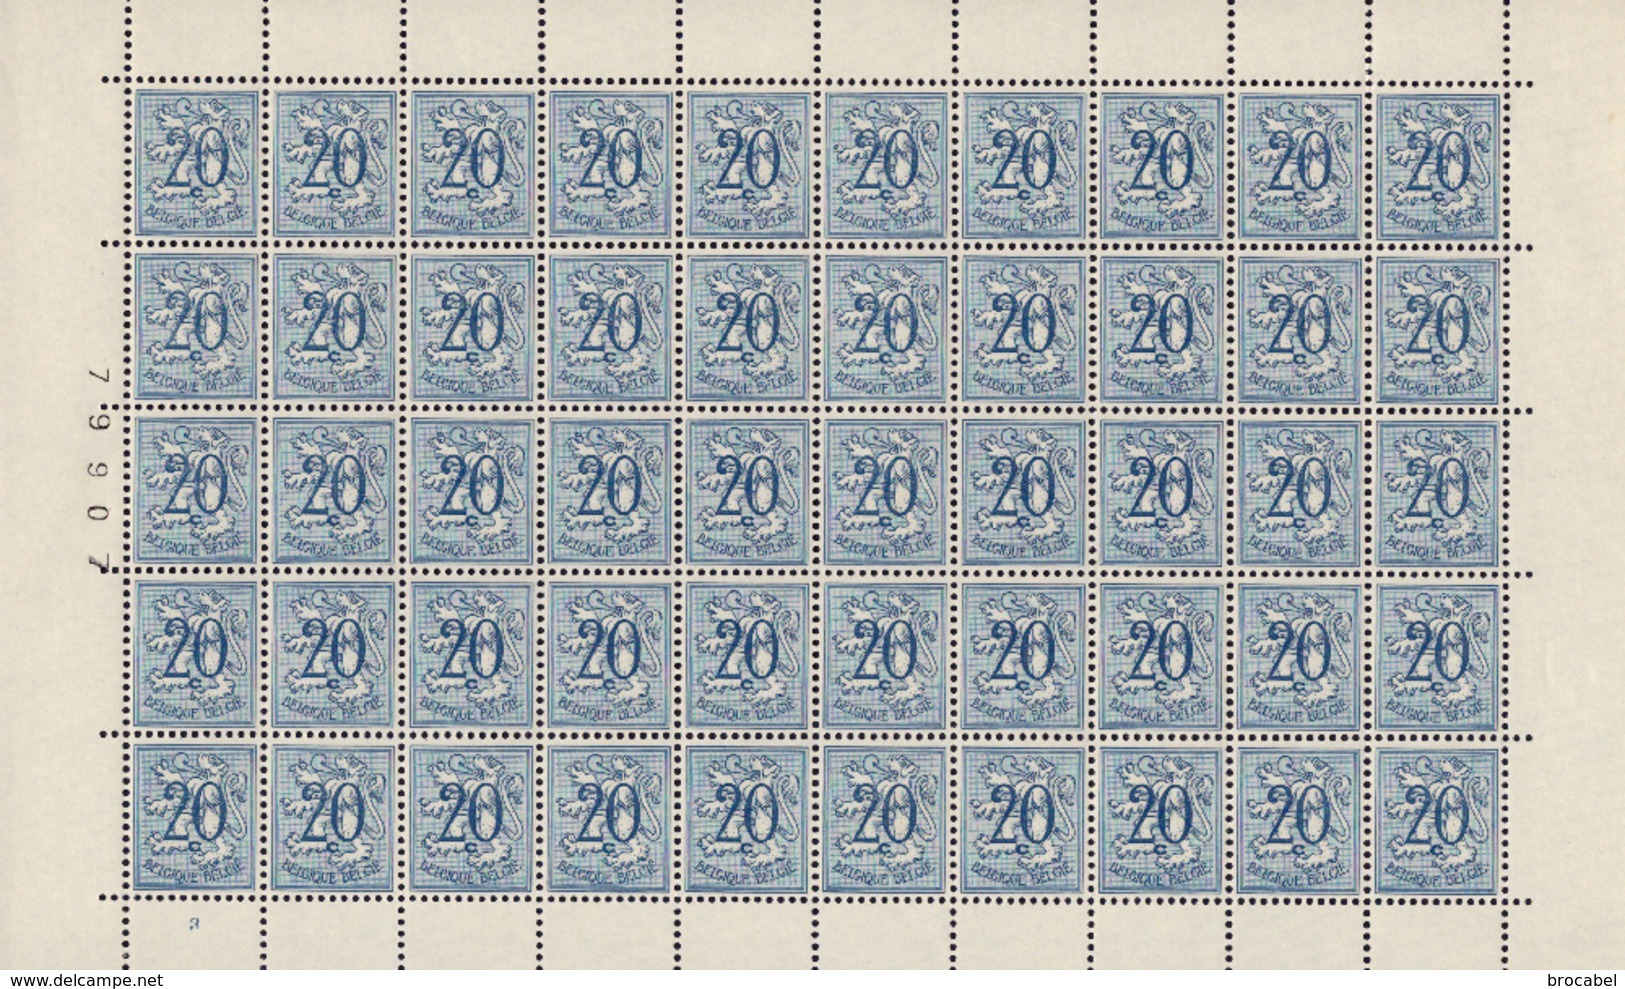 Belgium 0841**  4 Feuilles / Sheet De 50** MNH Planche 1,2,3,4 Départ 1 € ( Action18avril ) - Feuilles Complètes